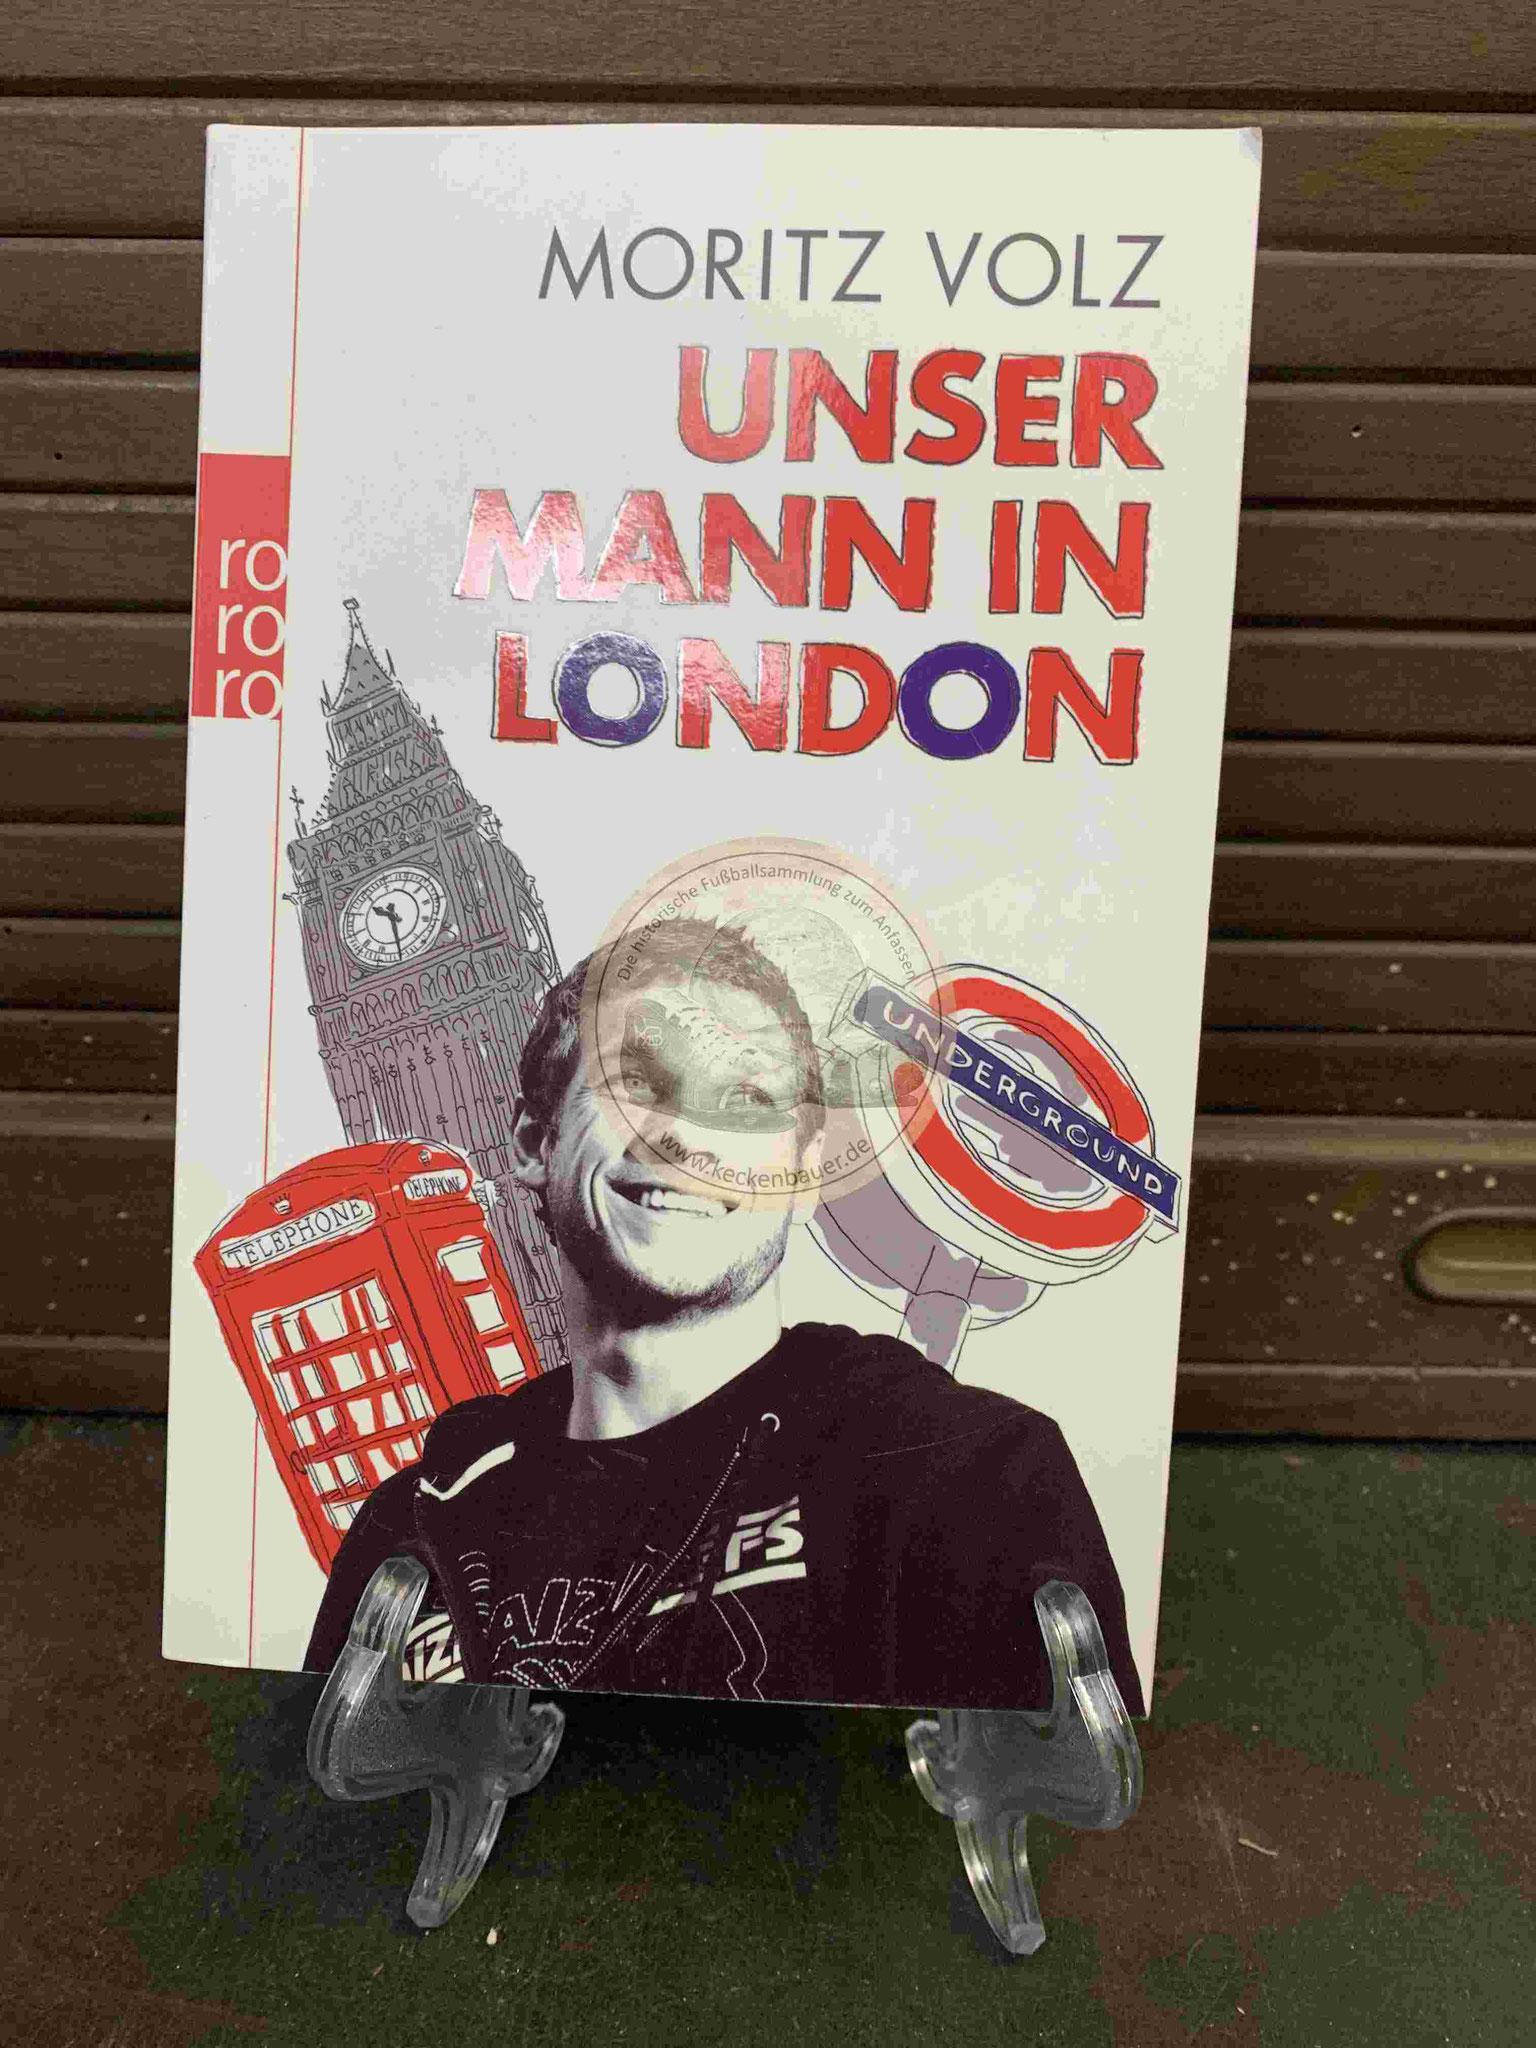 Moritz Volz Unser Mann in London aus dem Jahr 2012